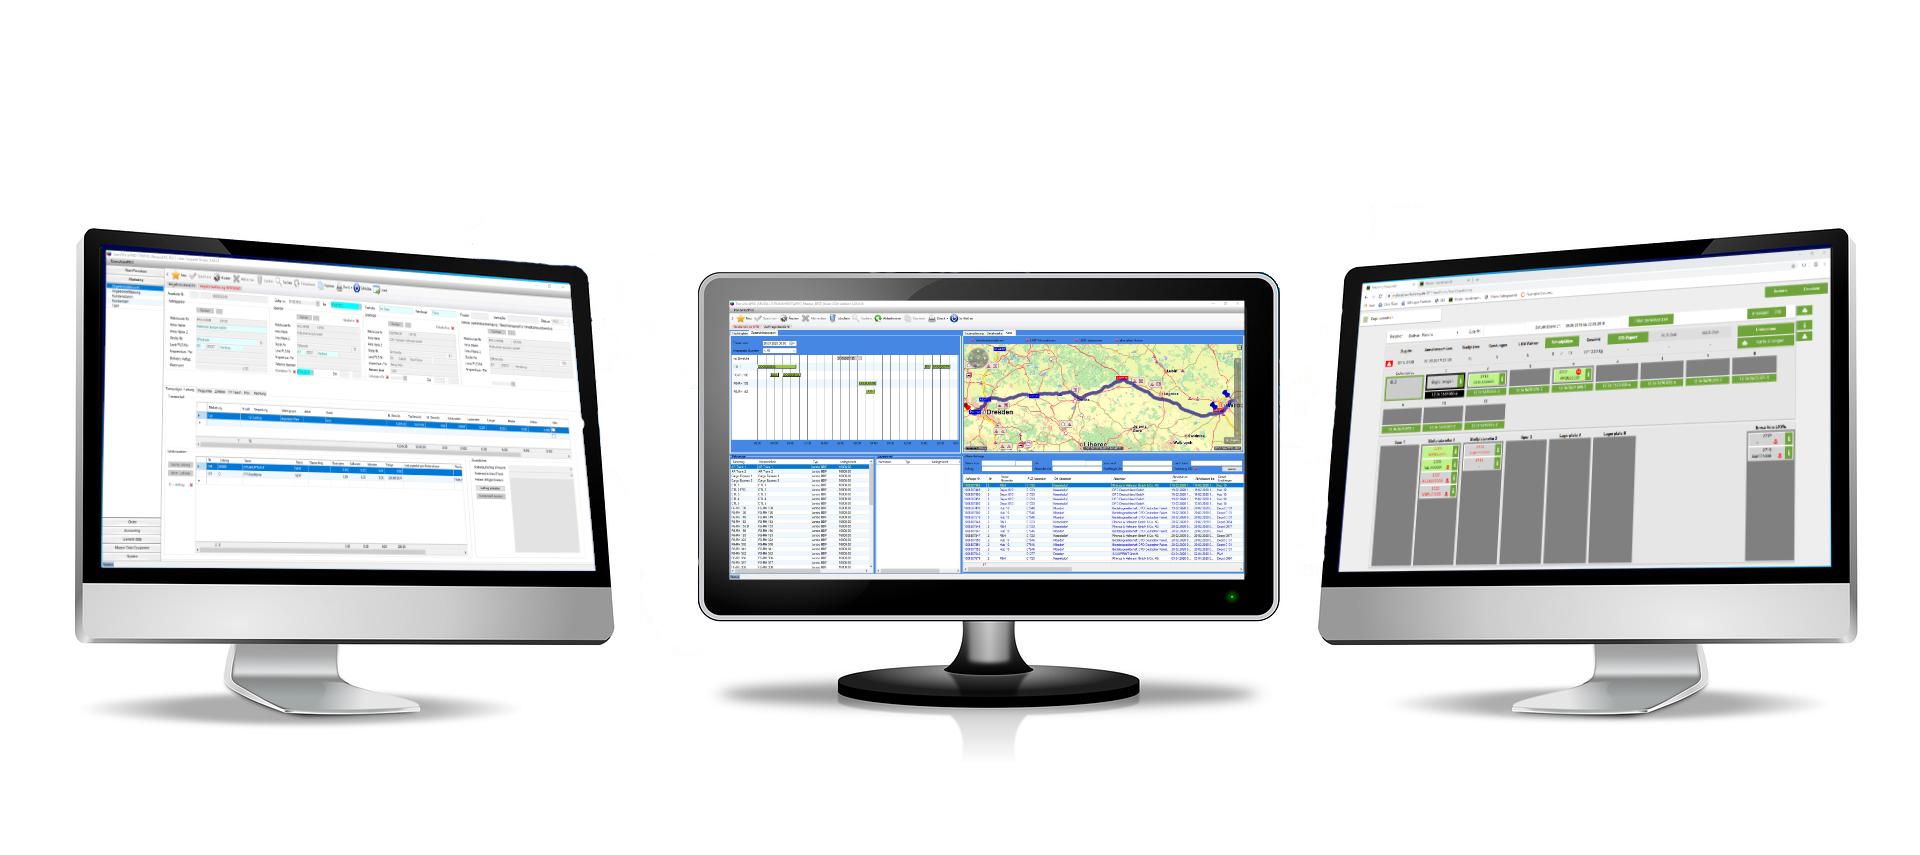 Logistik Vertriebswesen von CSD Logistik und Transport Software